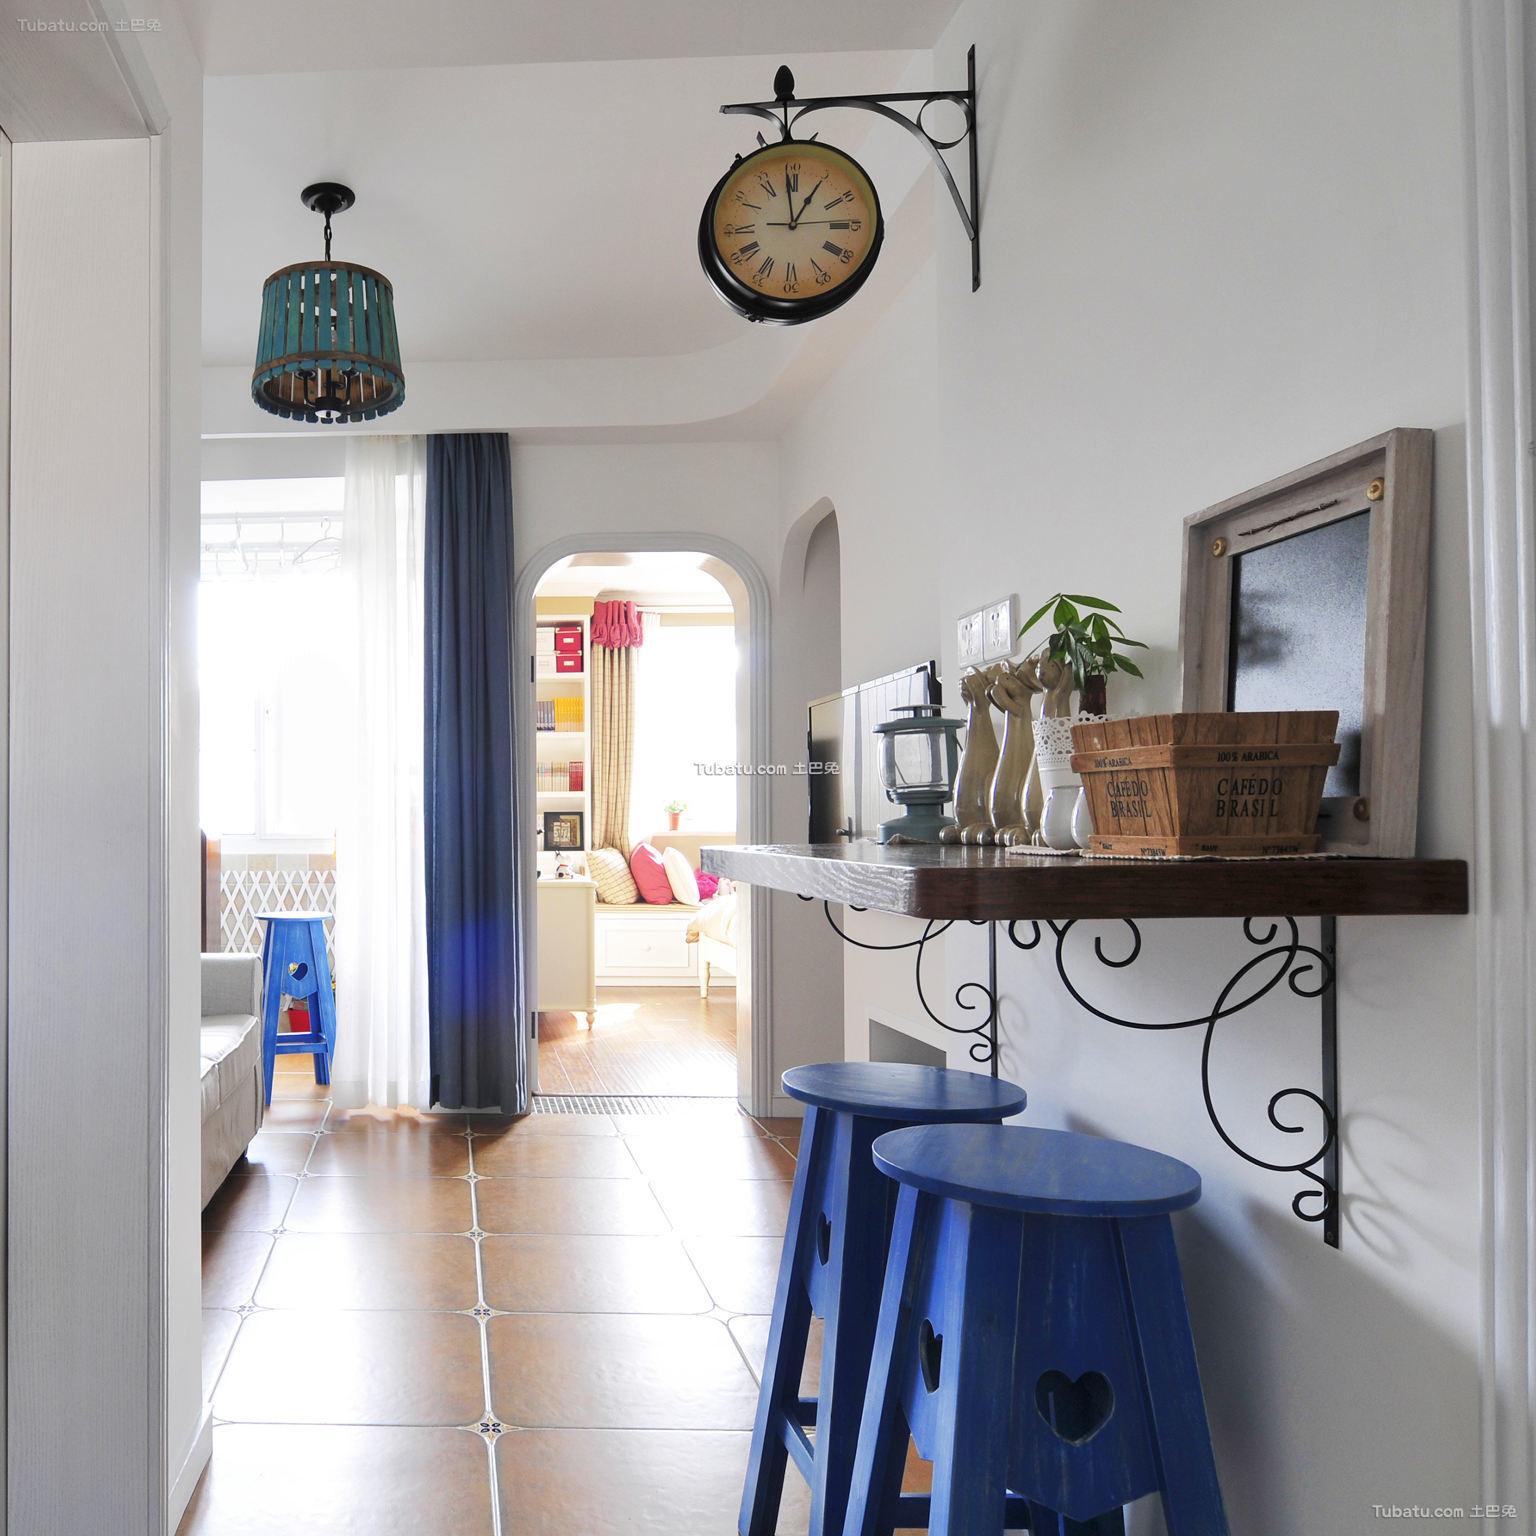 地中海家居走廊小吧台装修设计